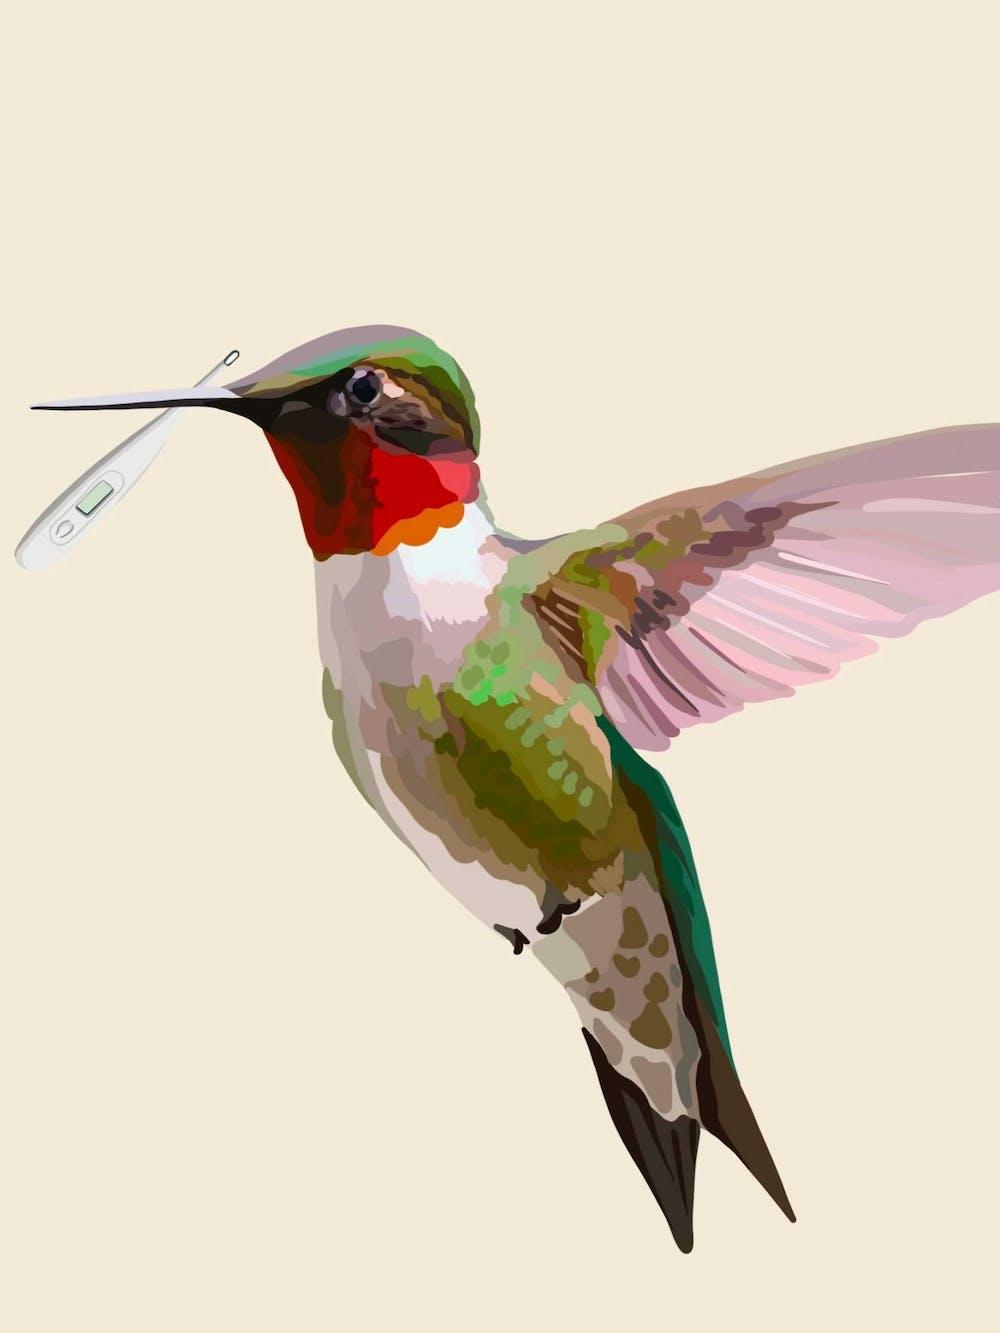 HummingBirdGraphic.jpg